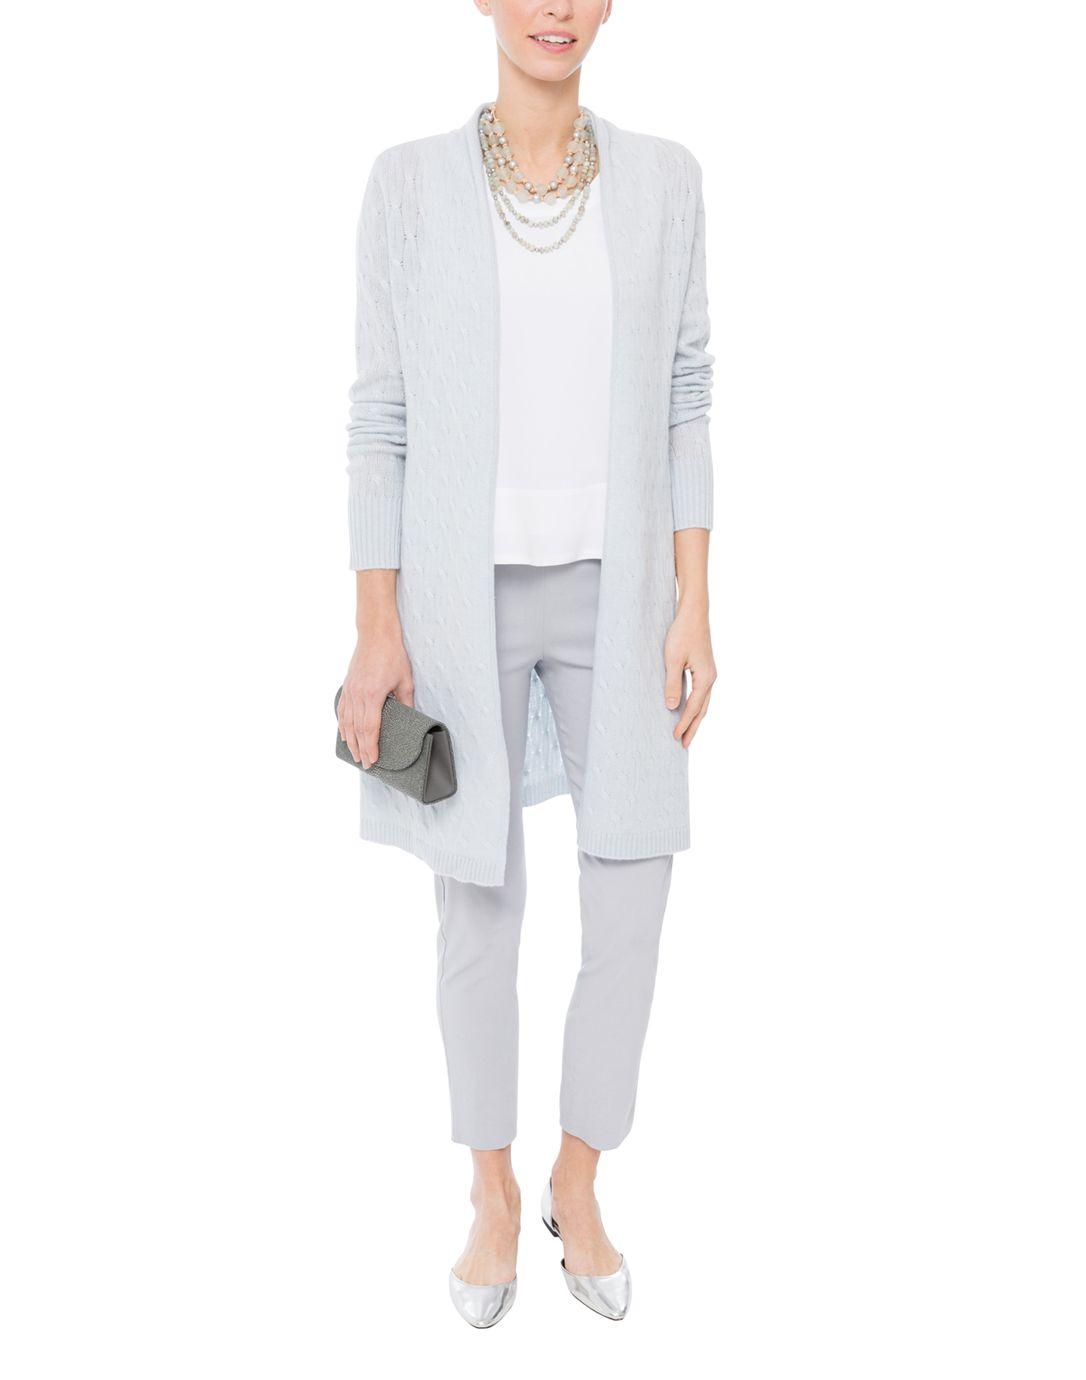 Sophie Pale Blue Cable Knit Cashmere Cardigan | Cashmere, Cable ...